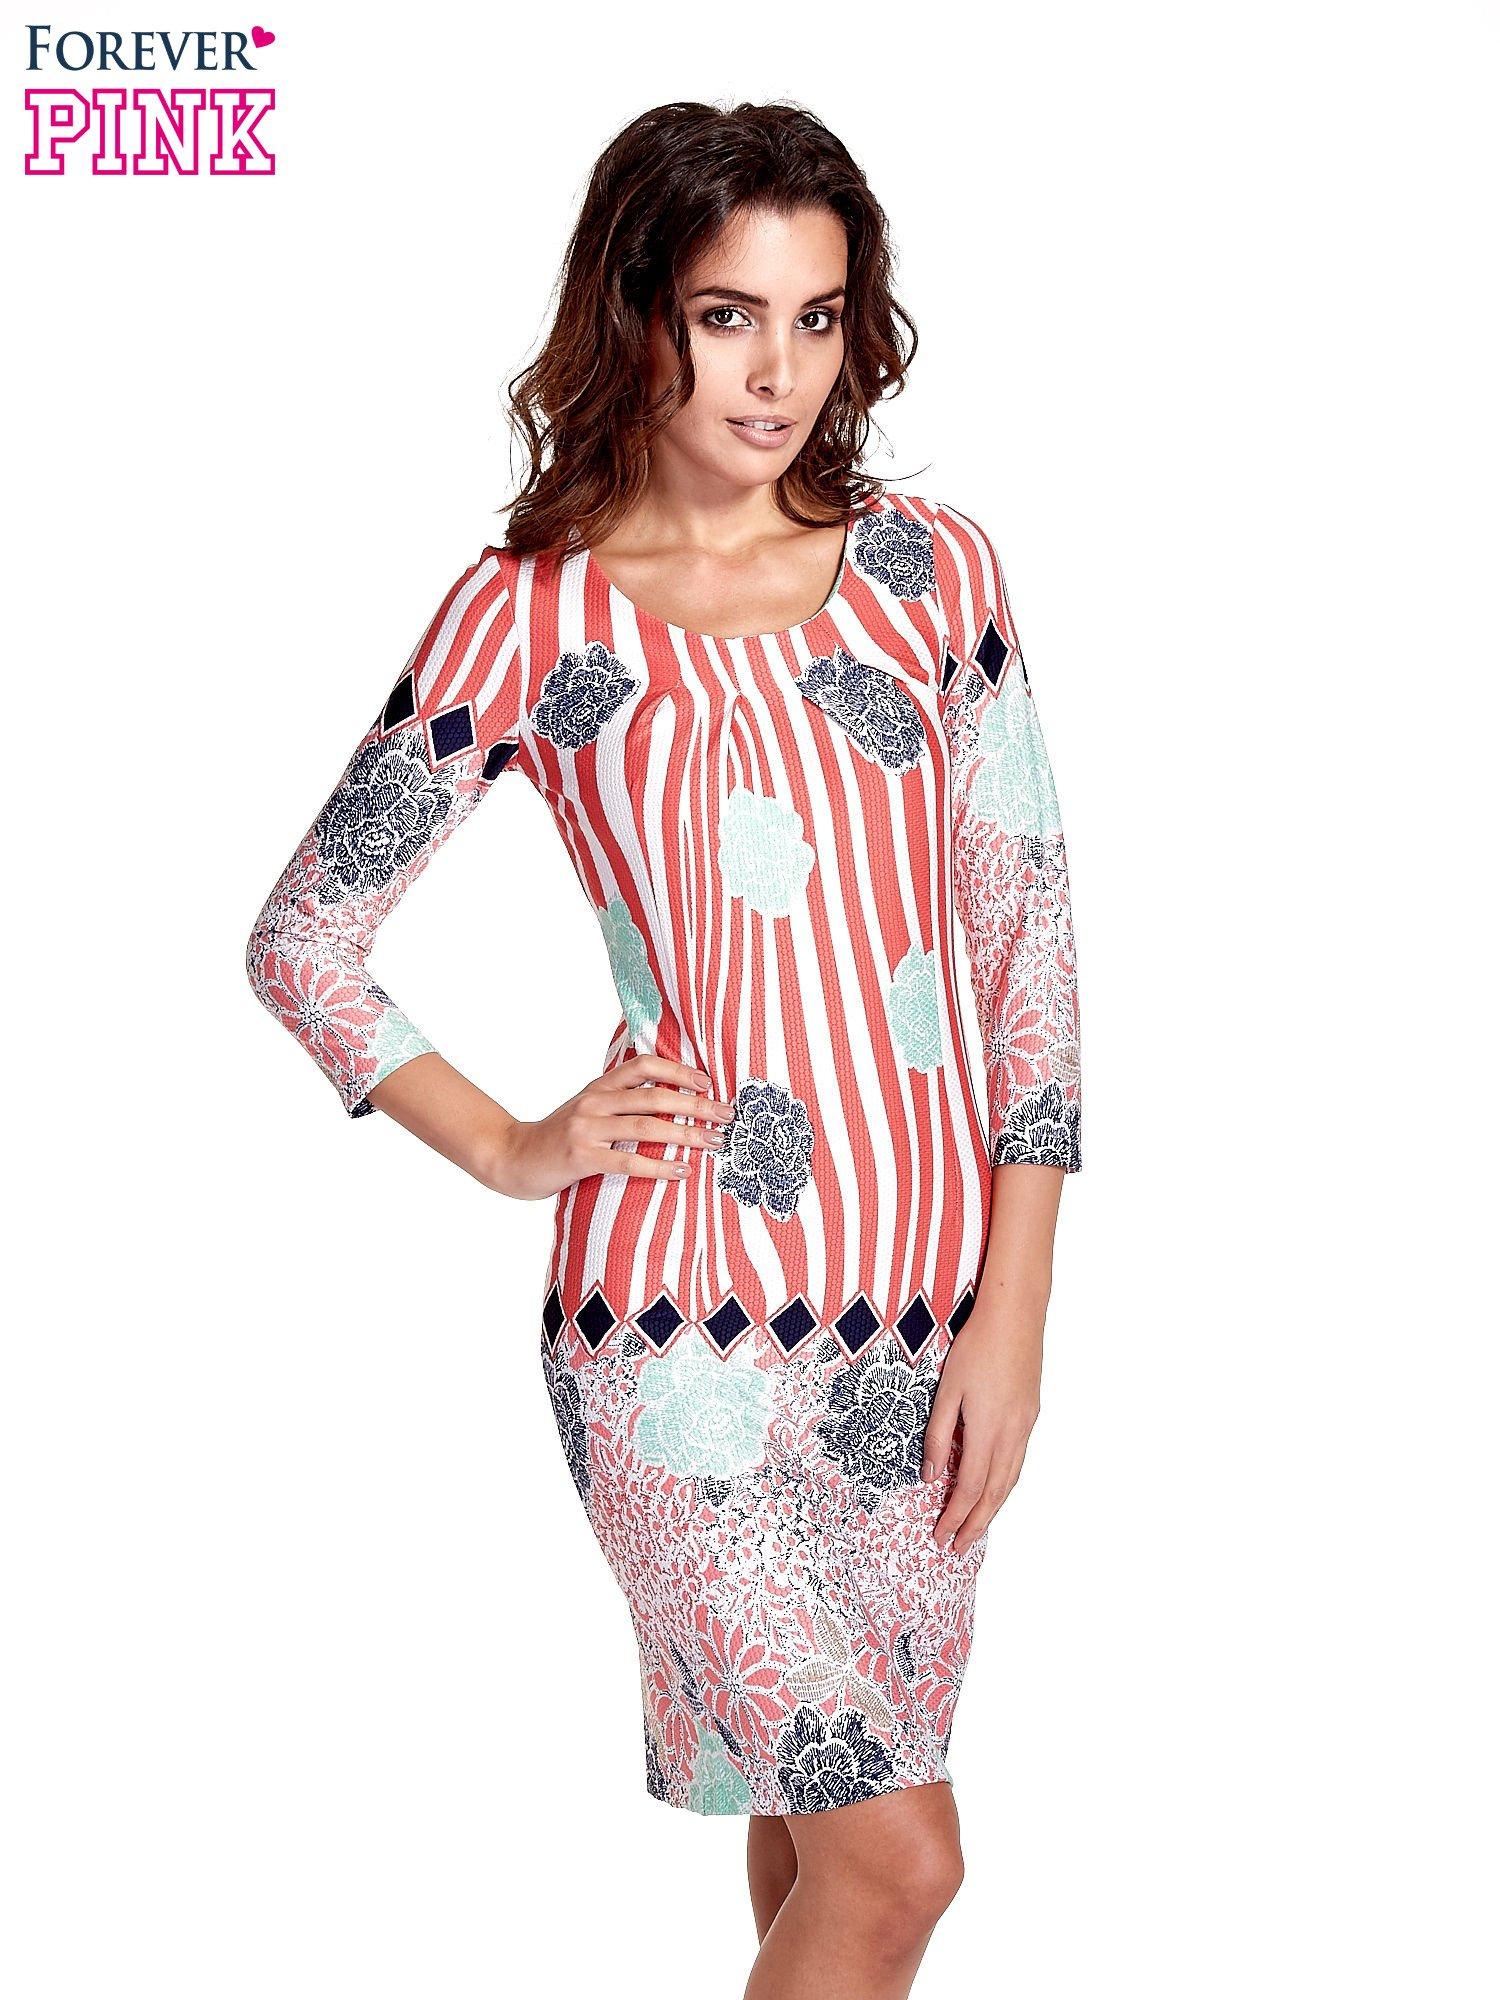 Koralowa sukienka w kwiatowe i geometryczne wzory                                  zdj.                                  1